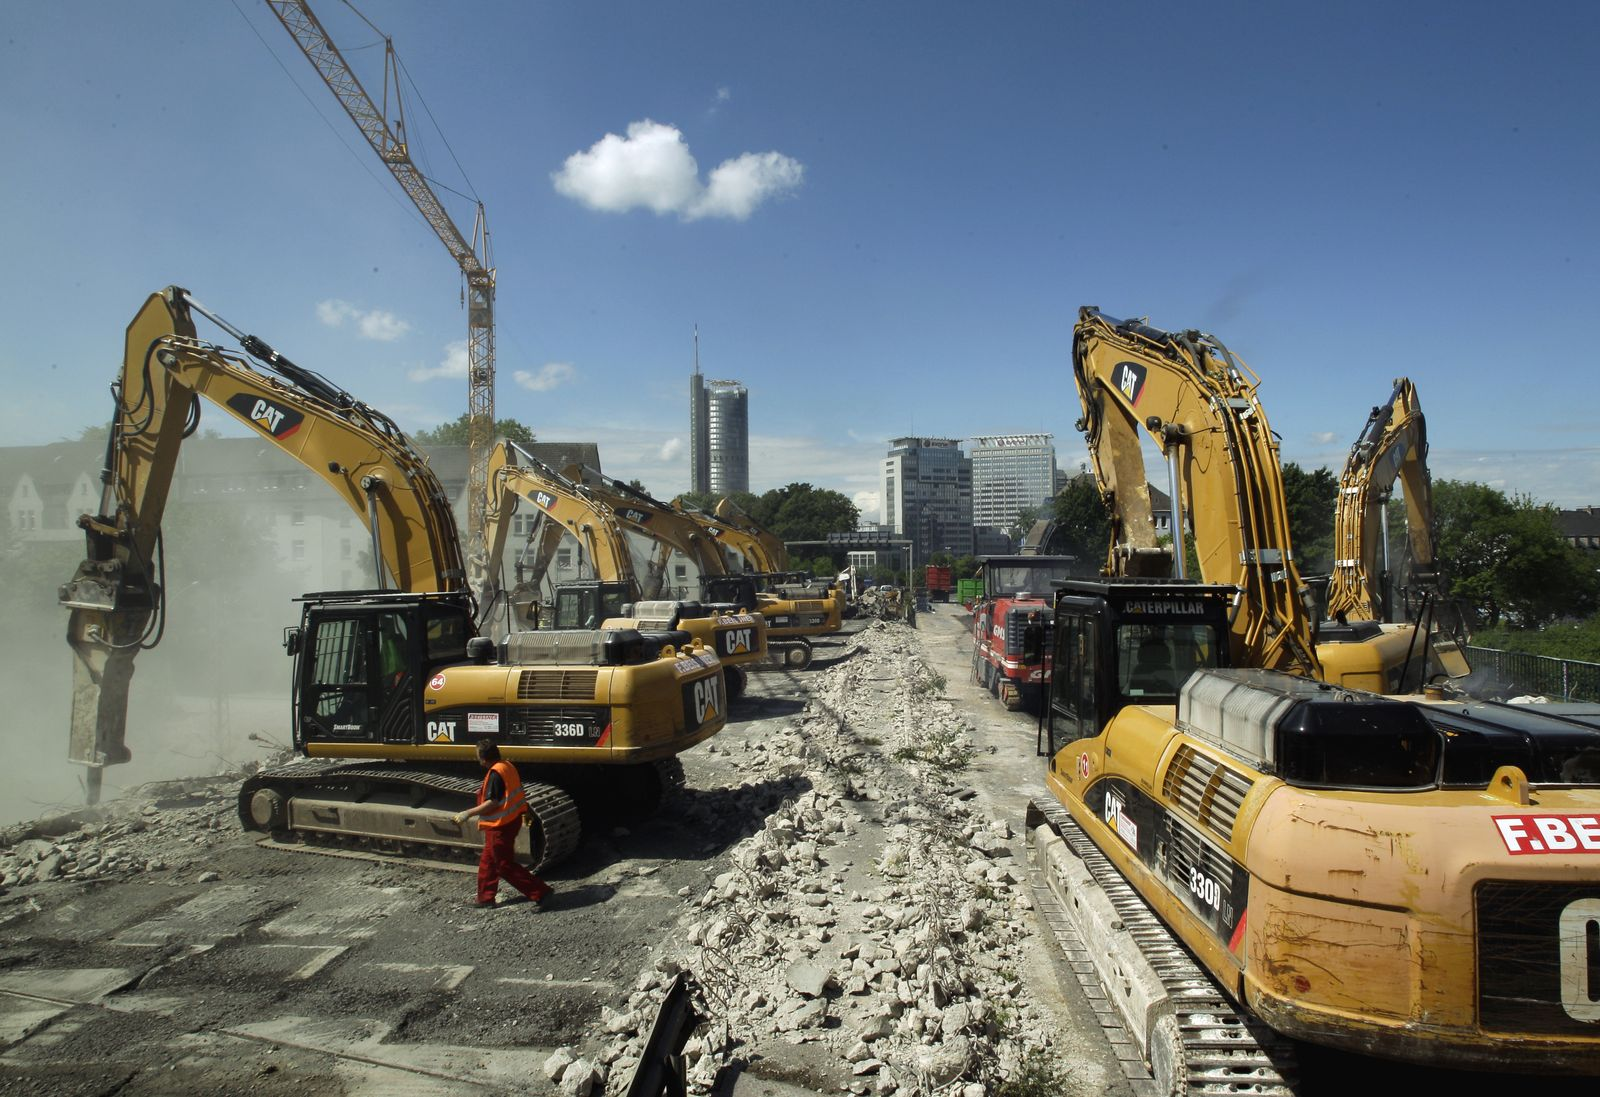 Investitionen/ Infrastruktur/ Baustelle